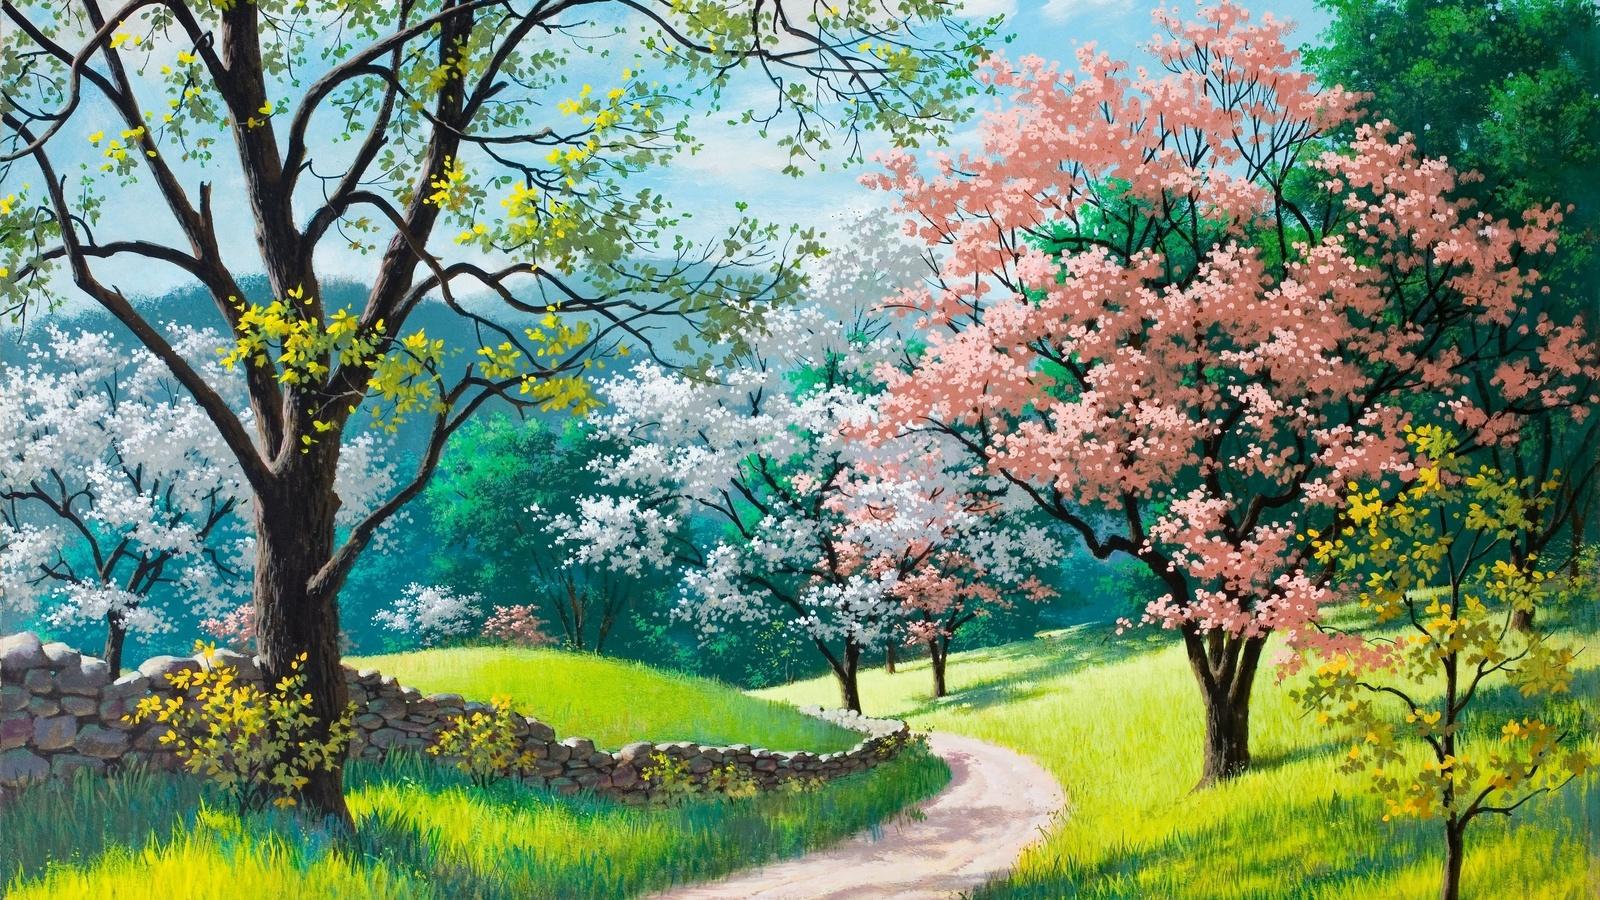 производства камышовой картинки красивые природа весна и лето кислотами такого вида